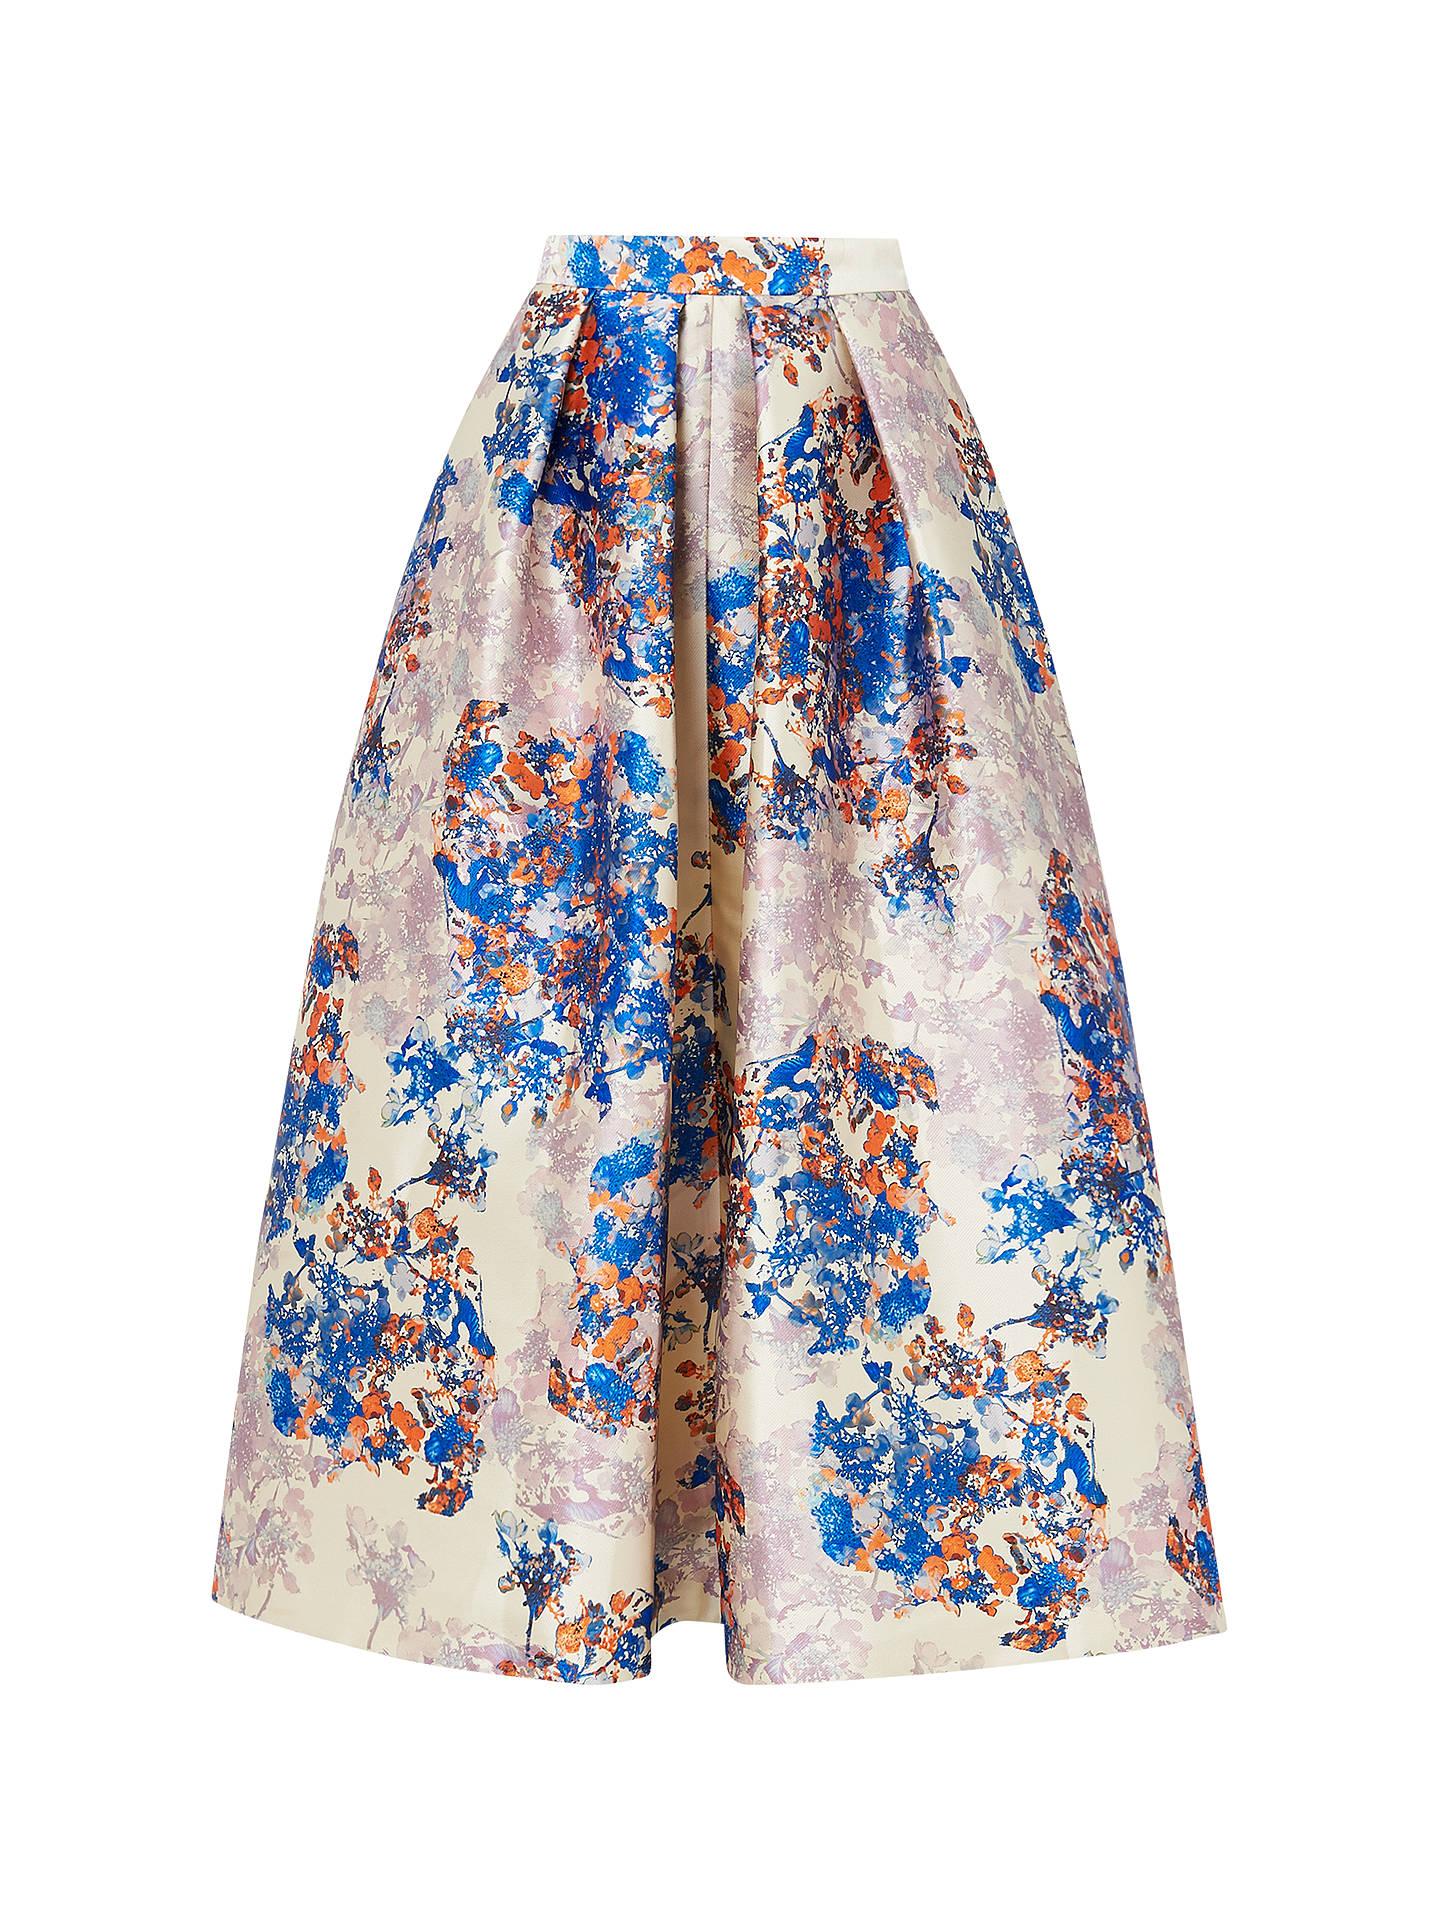 cc34922591 Buy L.K. Bennett Kenton Emilia Print Skirt, Multi, 6 Online at  johnlewis.com ...